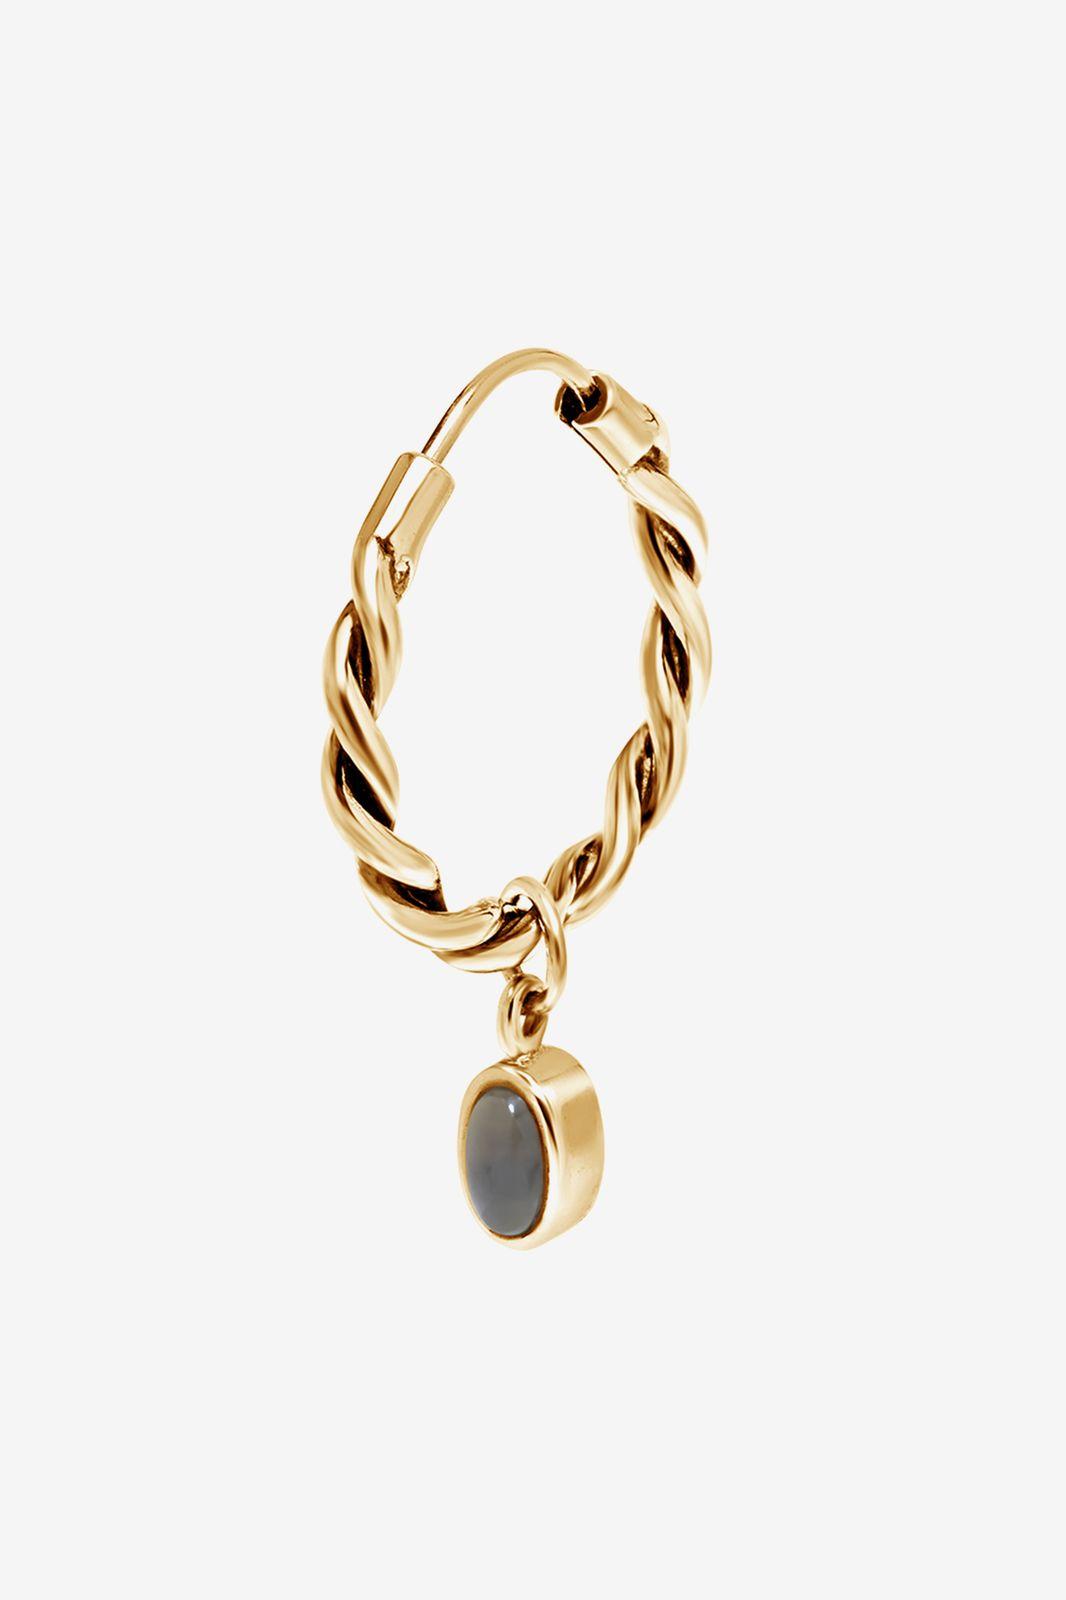 A Brend goldplated oorbel Olma